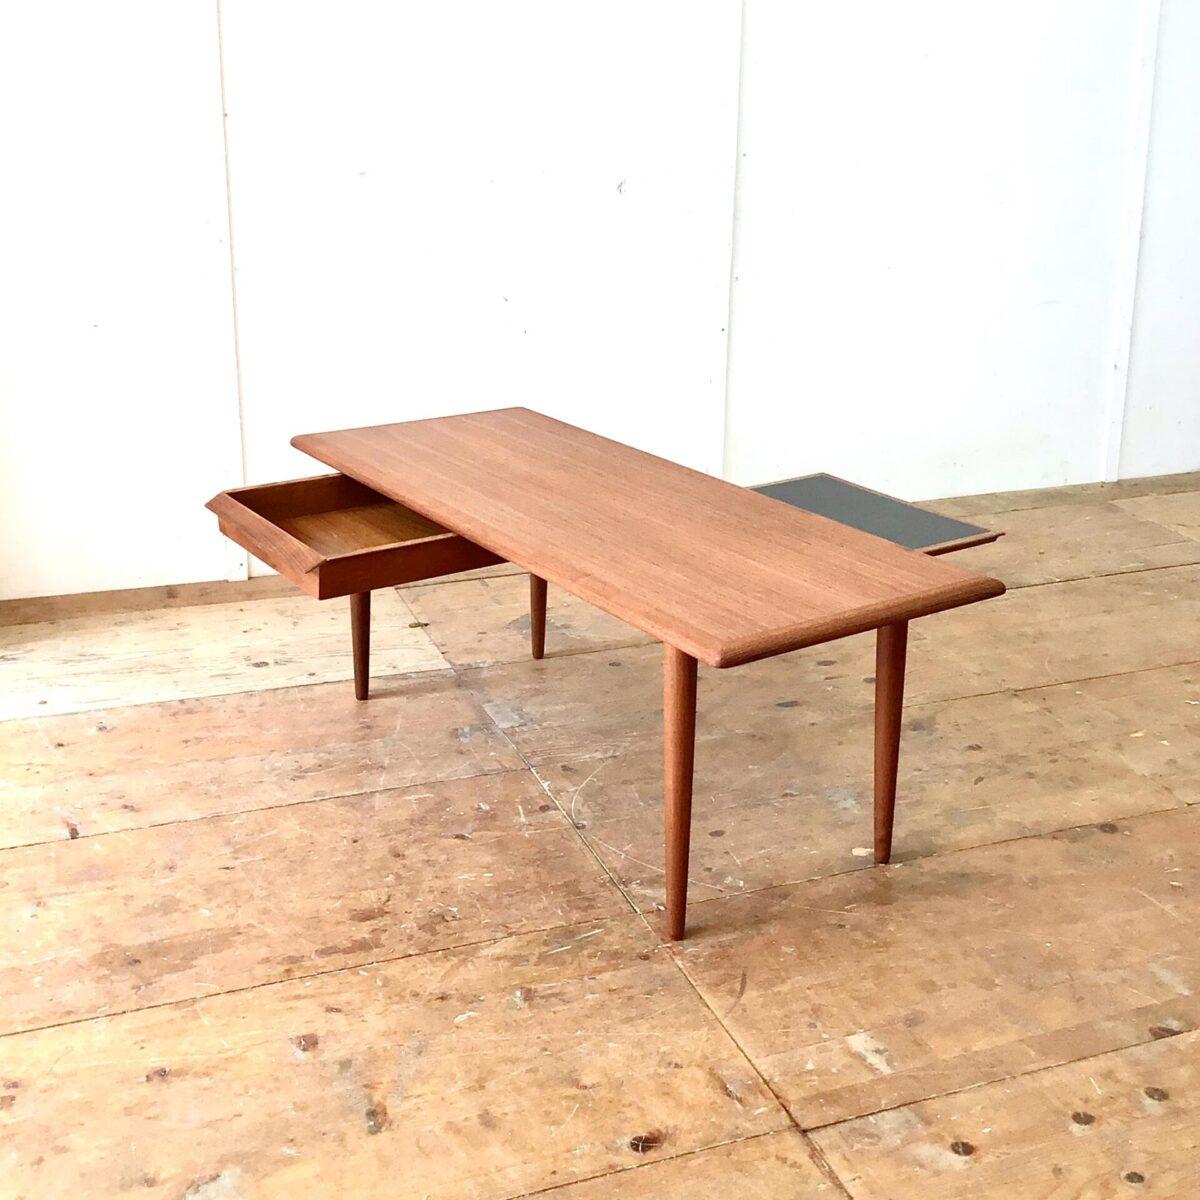 Deuxieme.shop Dänischer midcentury Salontisch mit Schublade und Auszugtablar. 136x53.5cm Höhe 50cm. Der Couchtisch wurde restauriert. Teile der Schublade, welche defekt waren, haben wir neu nachproduziert. Die Holzoberflächen sind mit Naturöl behandelt. Schublade und Tablar lassen sich auf beiden Seiten ausziehen.